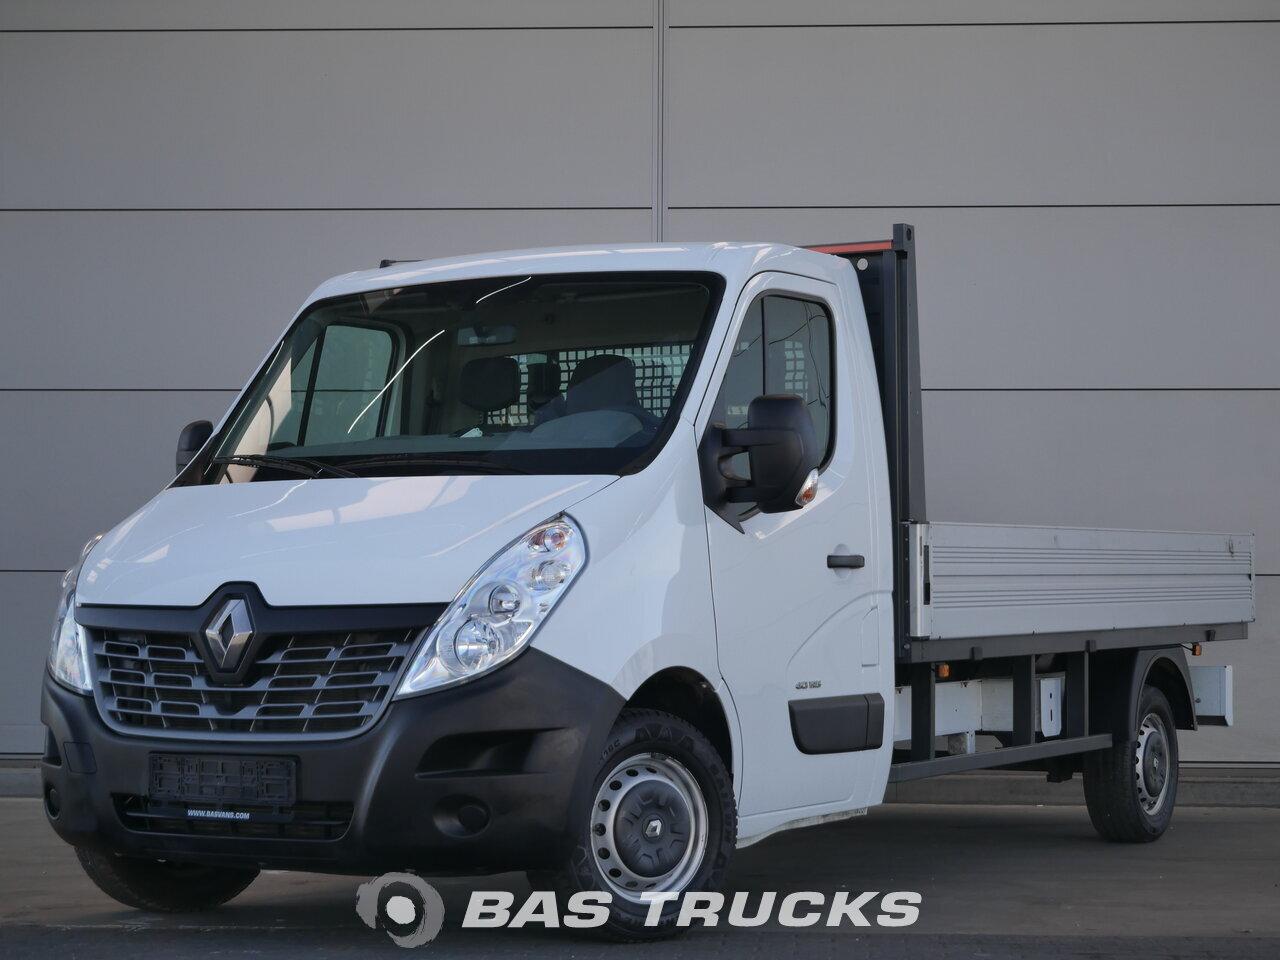 renault master light commercial vehicle 17200 bas trucks. Black Bedroom Furniture Sets. Home Design Ideas